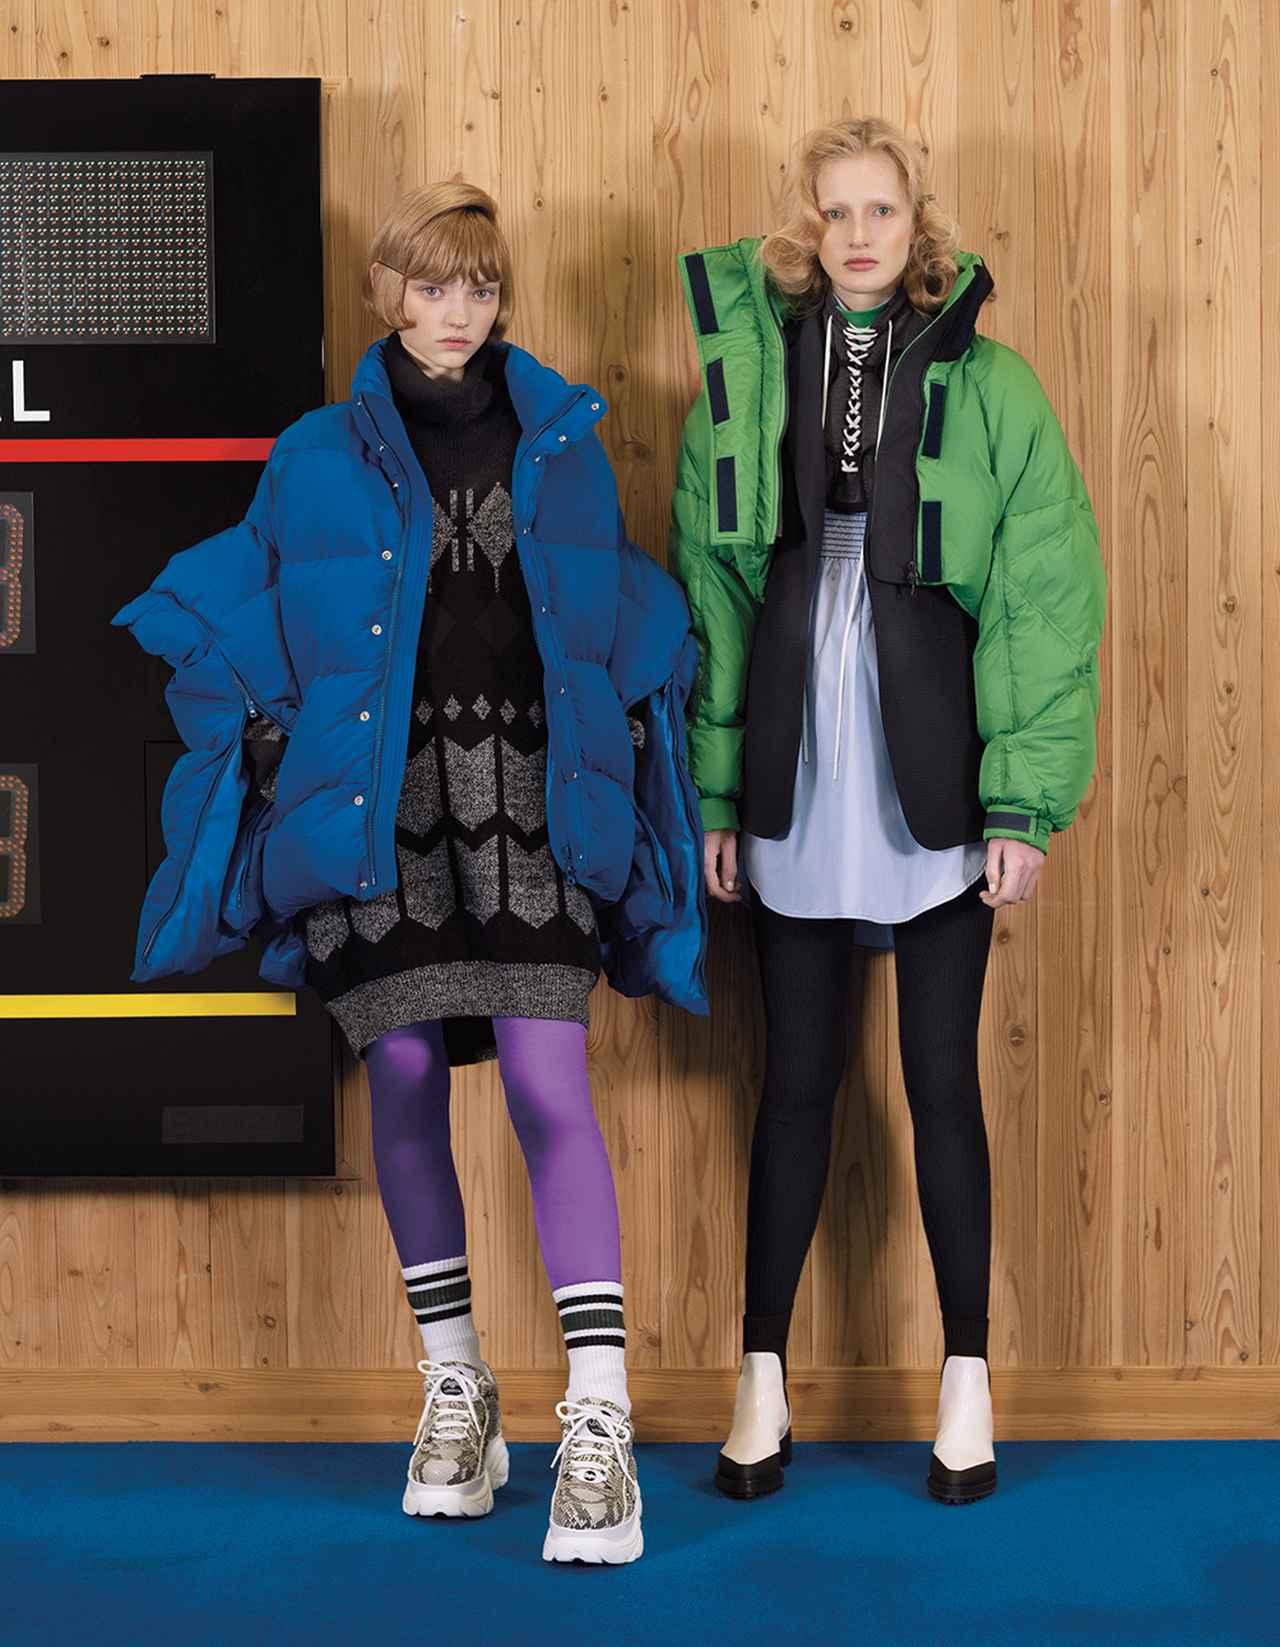 Images : 2番目の画像 - 「もこもこのアウターが、 プレイフルな季節を連れてくる!」のアルバム - T JAPAN:The New York Times Style Magazine 公式サイト